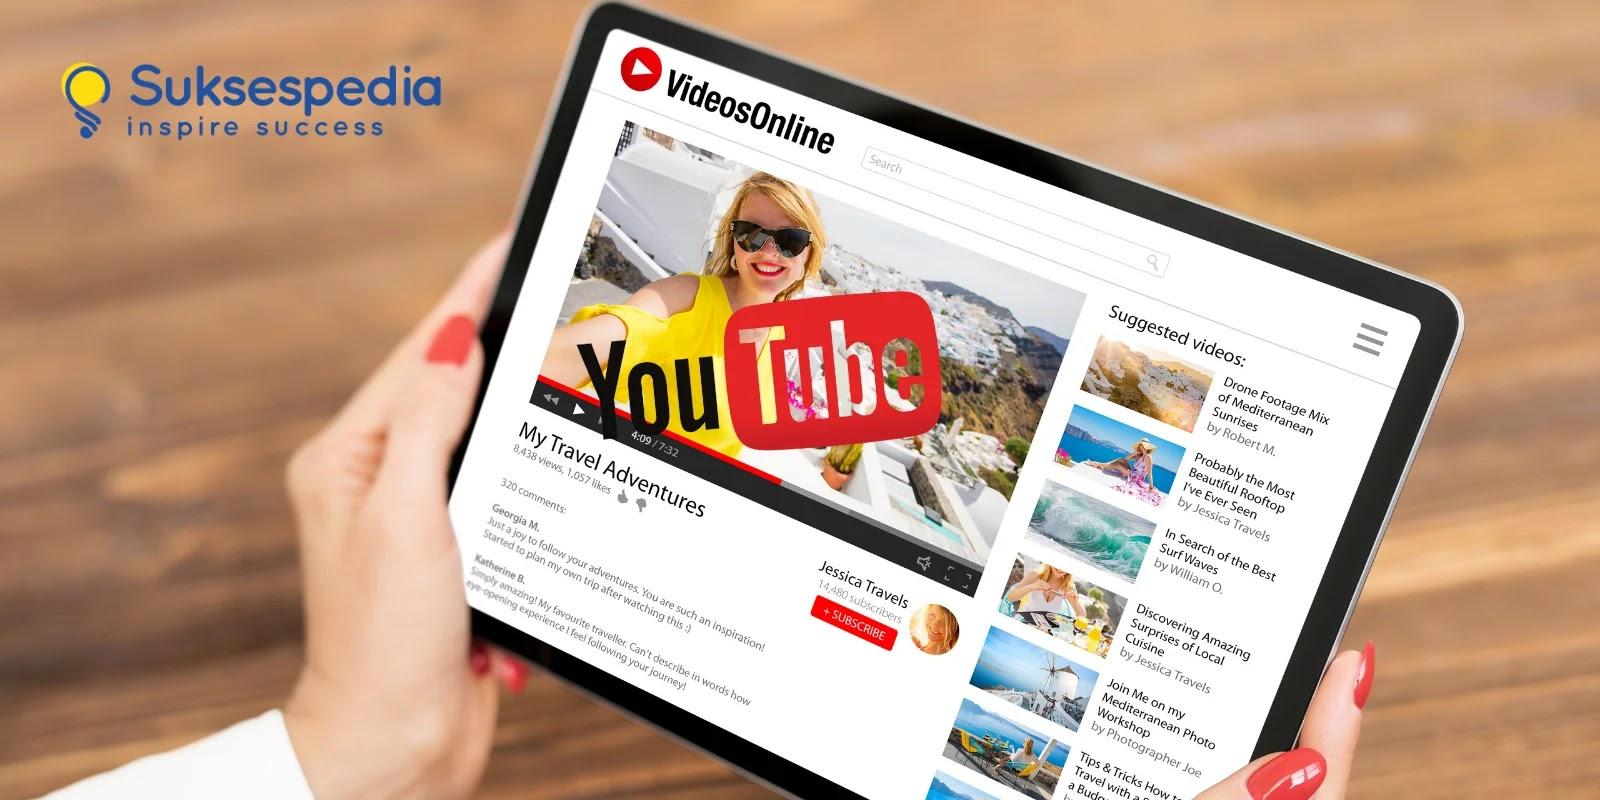 cara download video dari youtube di hp tanpa aplikasi